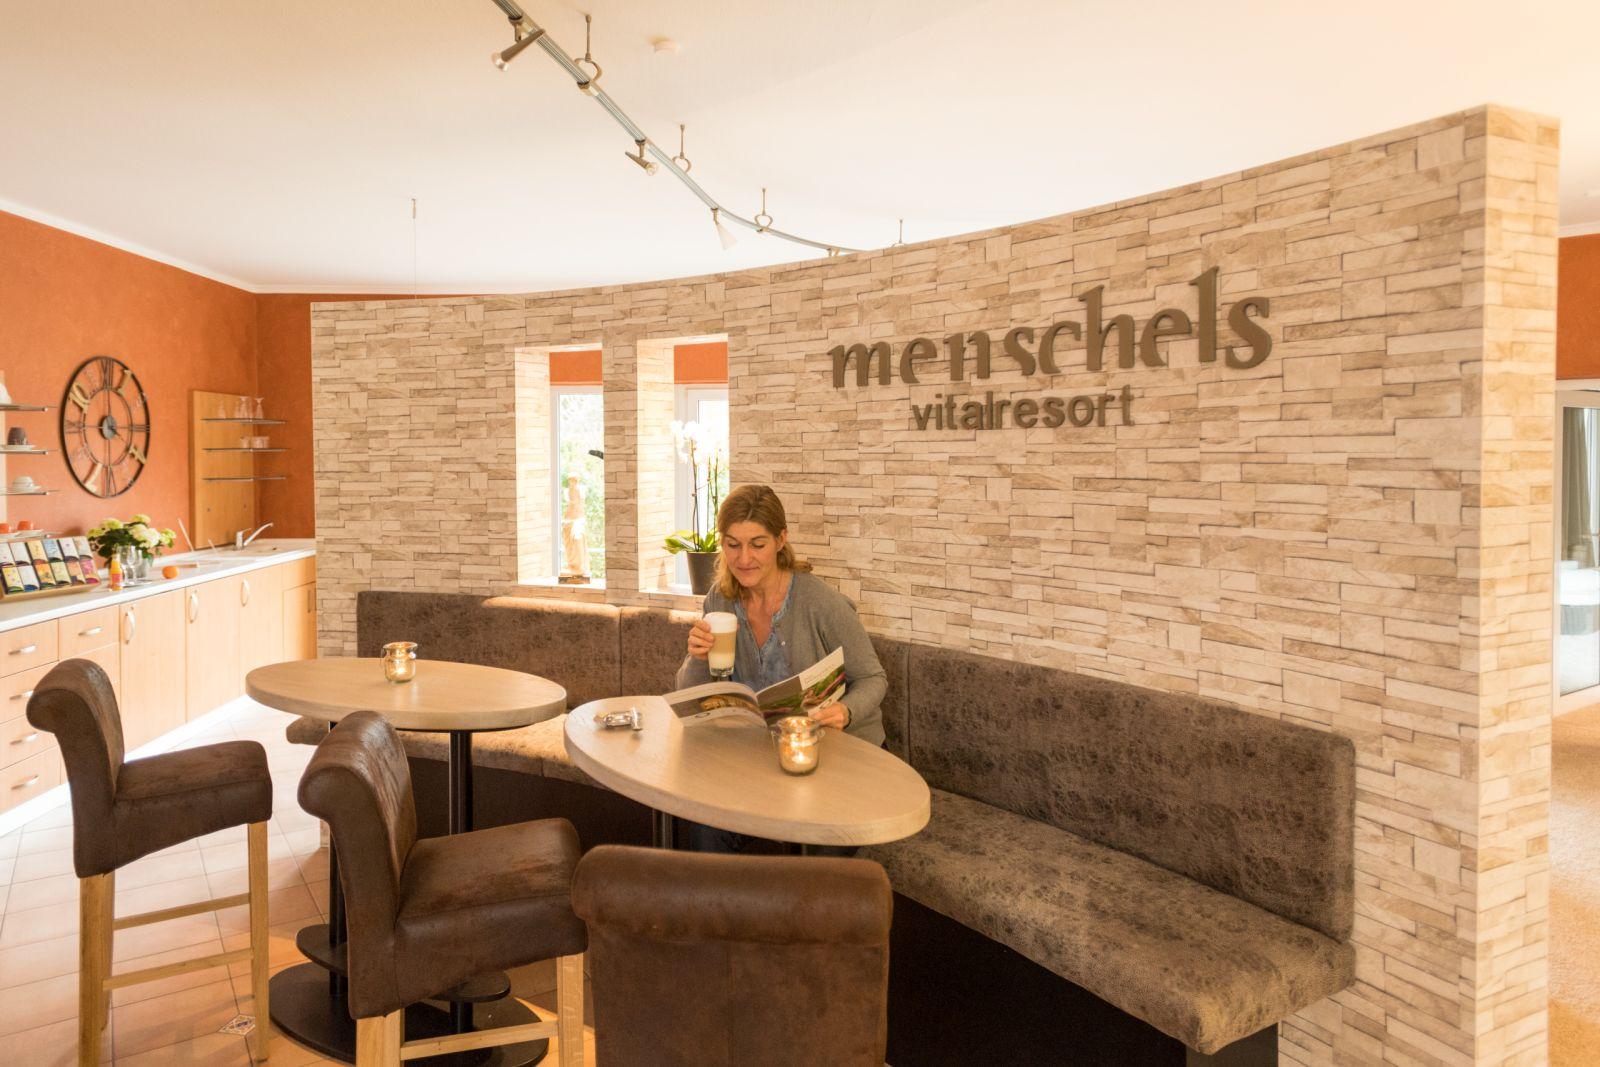 Wirbelsäulenbehandlung: Foto vom Wellnesshotel Menschels Vitalresort | Wellness Rheinland-Pfalz